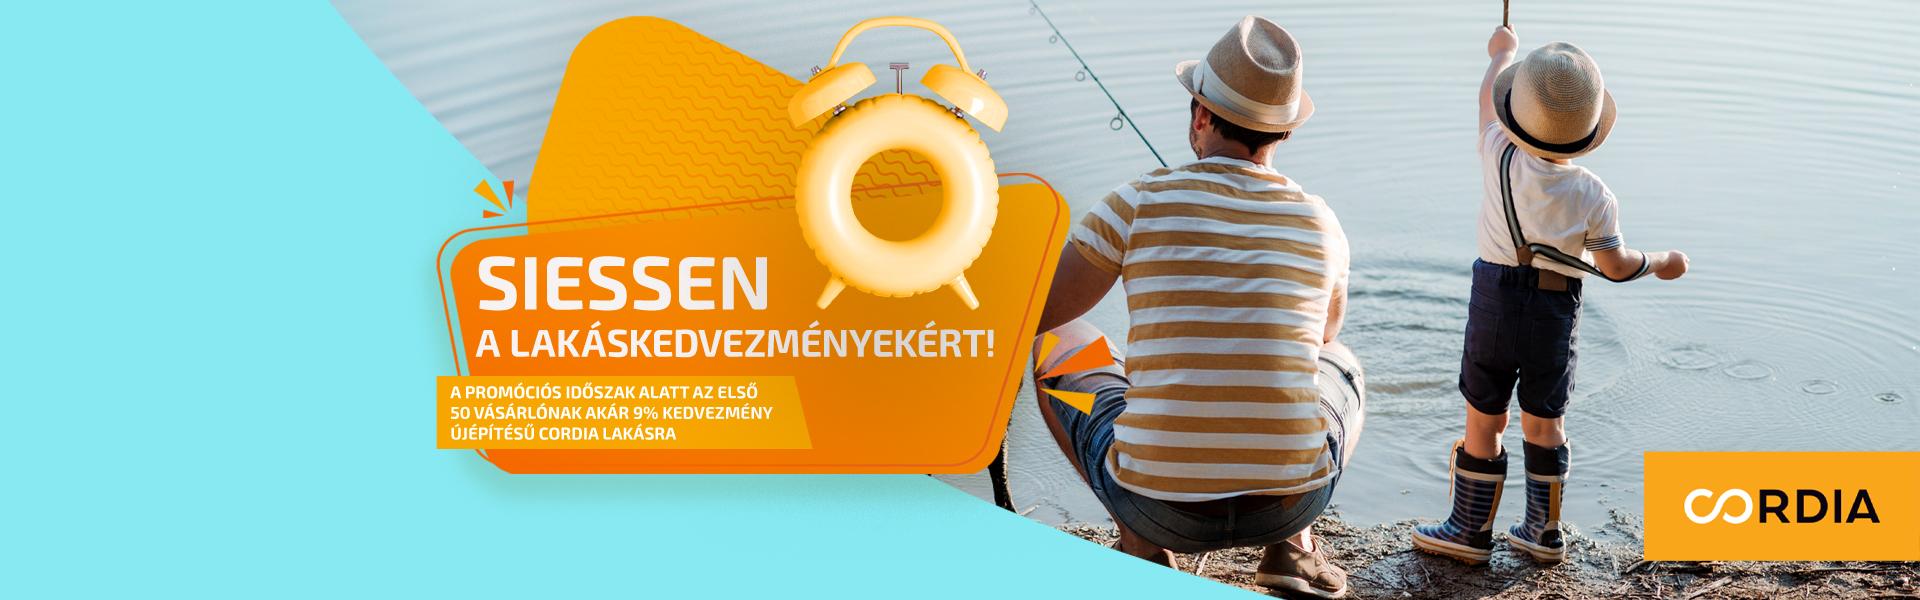 crd-arengedmeny-kampany-duna-parti-szegmens-1920x600-20200728-jogi-es-kattintson-nelkul